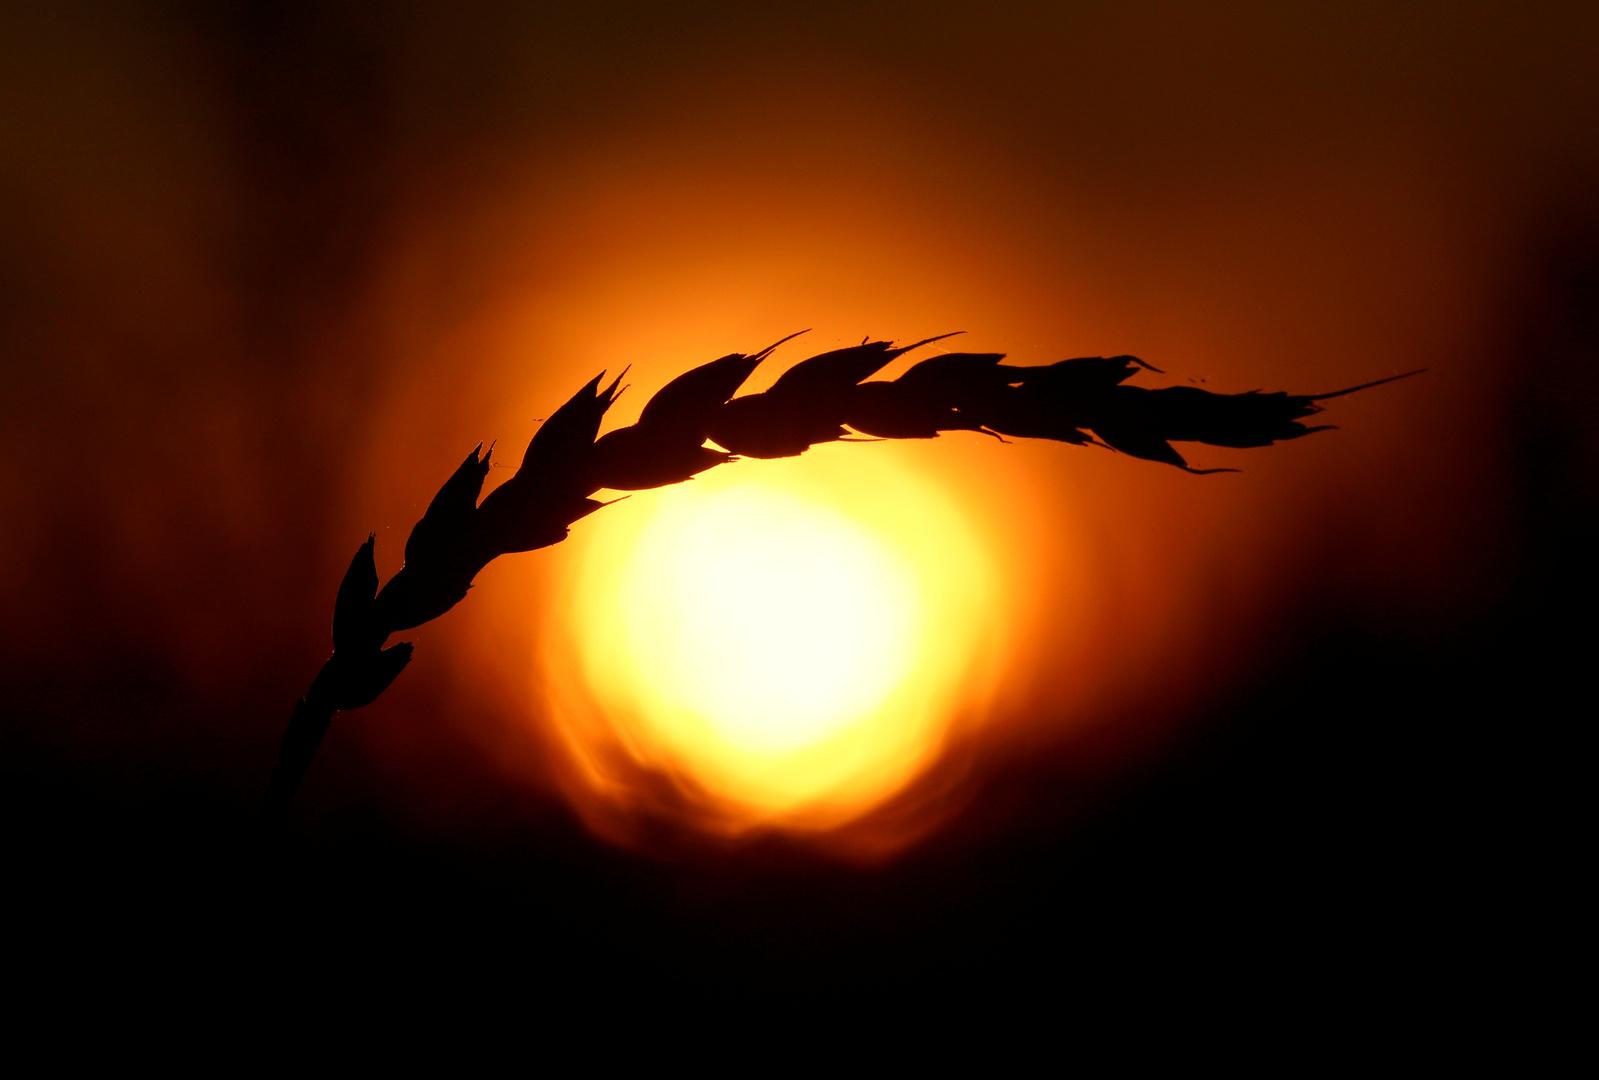 روسيا ستورد مليون طن من القمح إلى سوريا